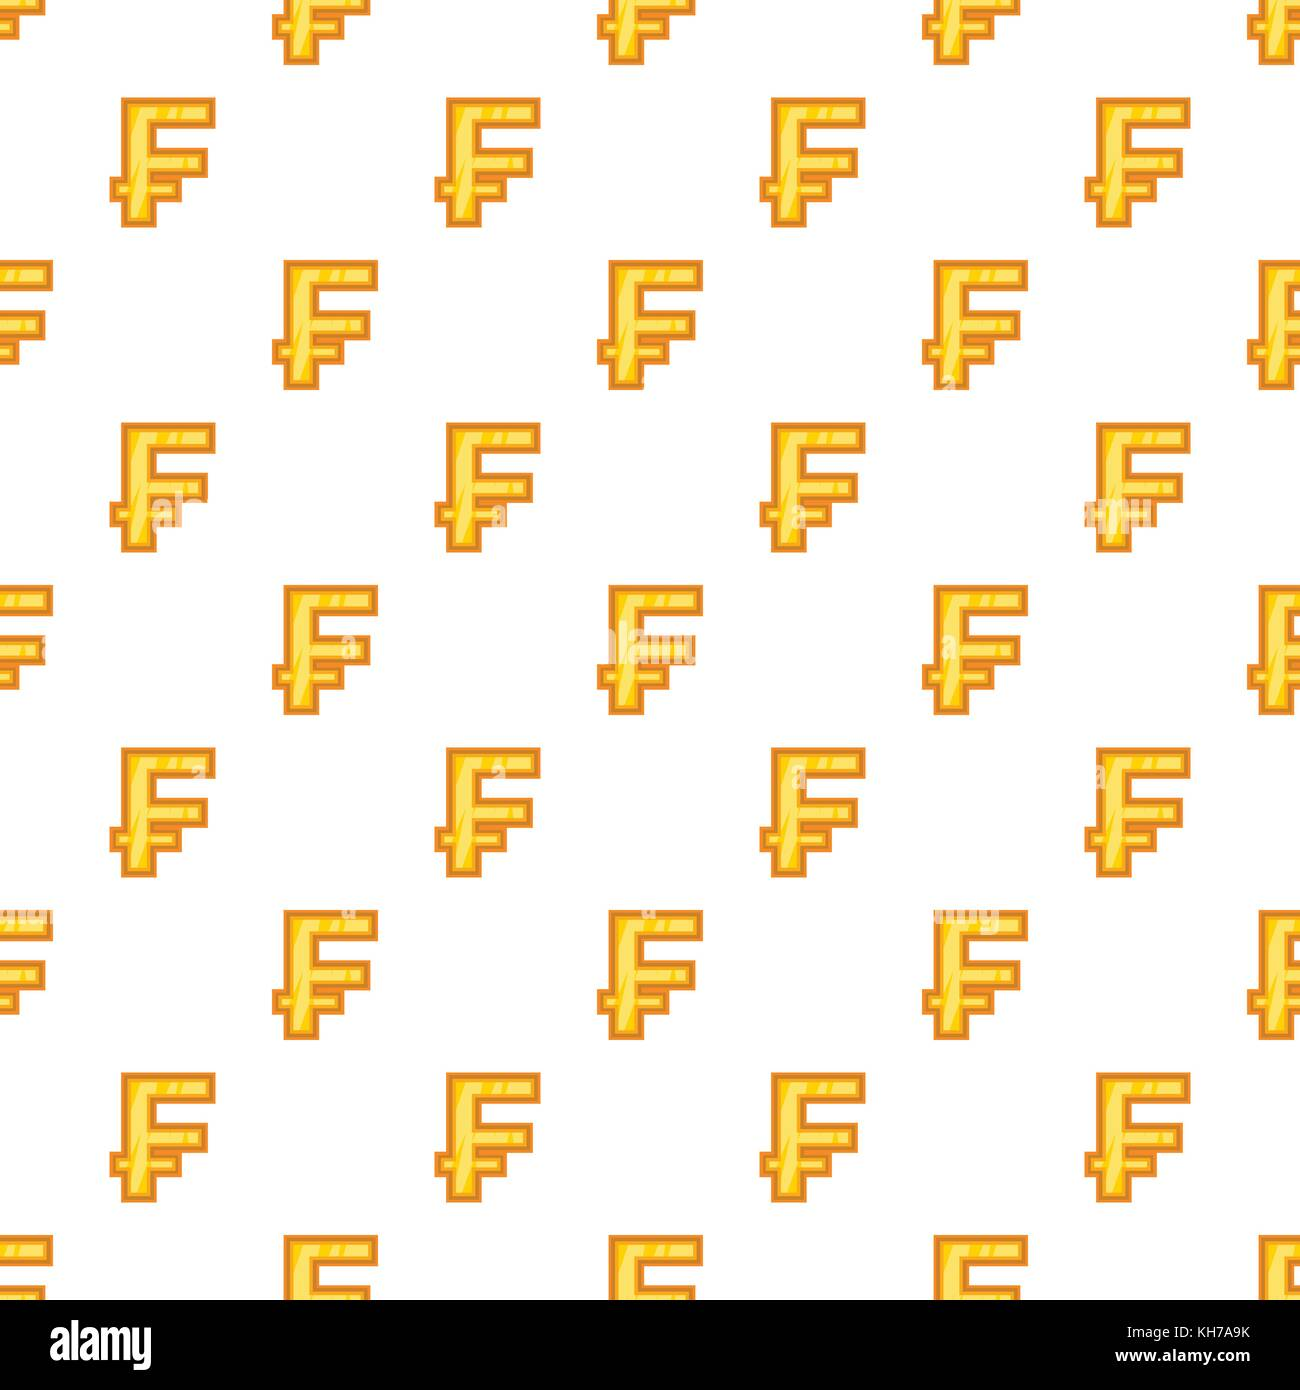 Franc currency symbol stock photos franc currency symbol stock swiss franc currency symbol pattern cartoon style stock image buycottarizona Choice Image